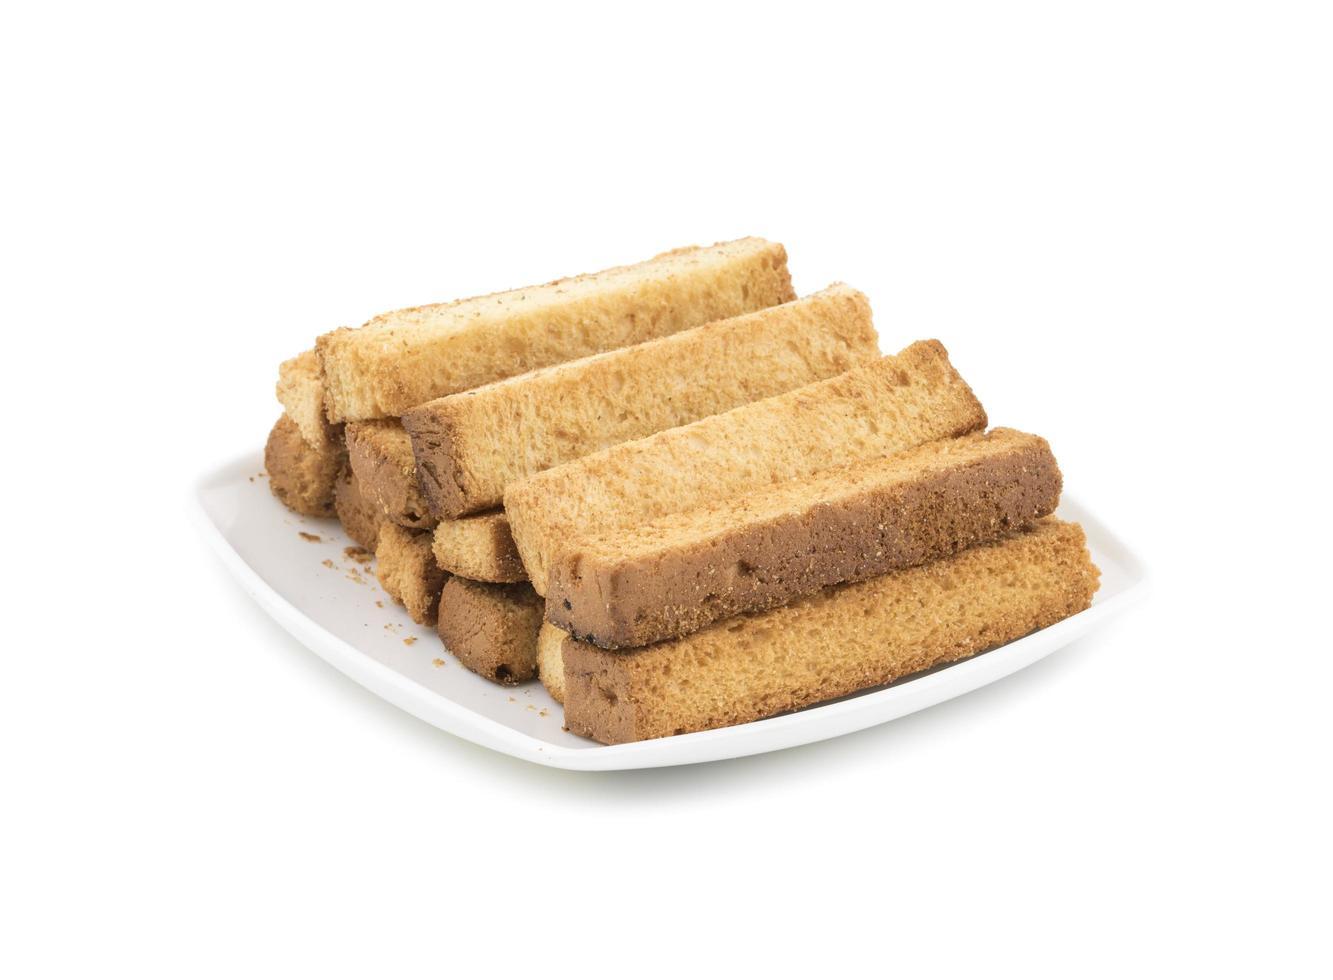 toast stokken op een witte plaat foto